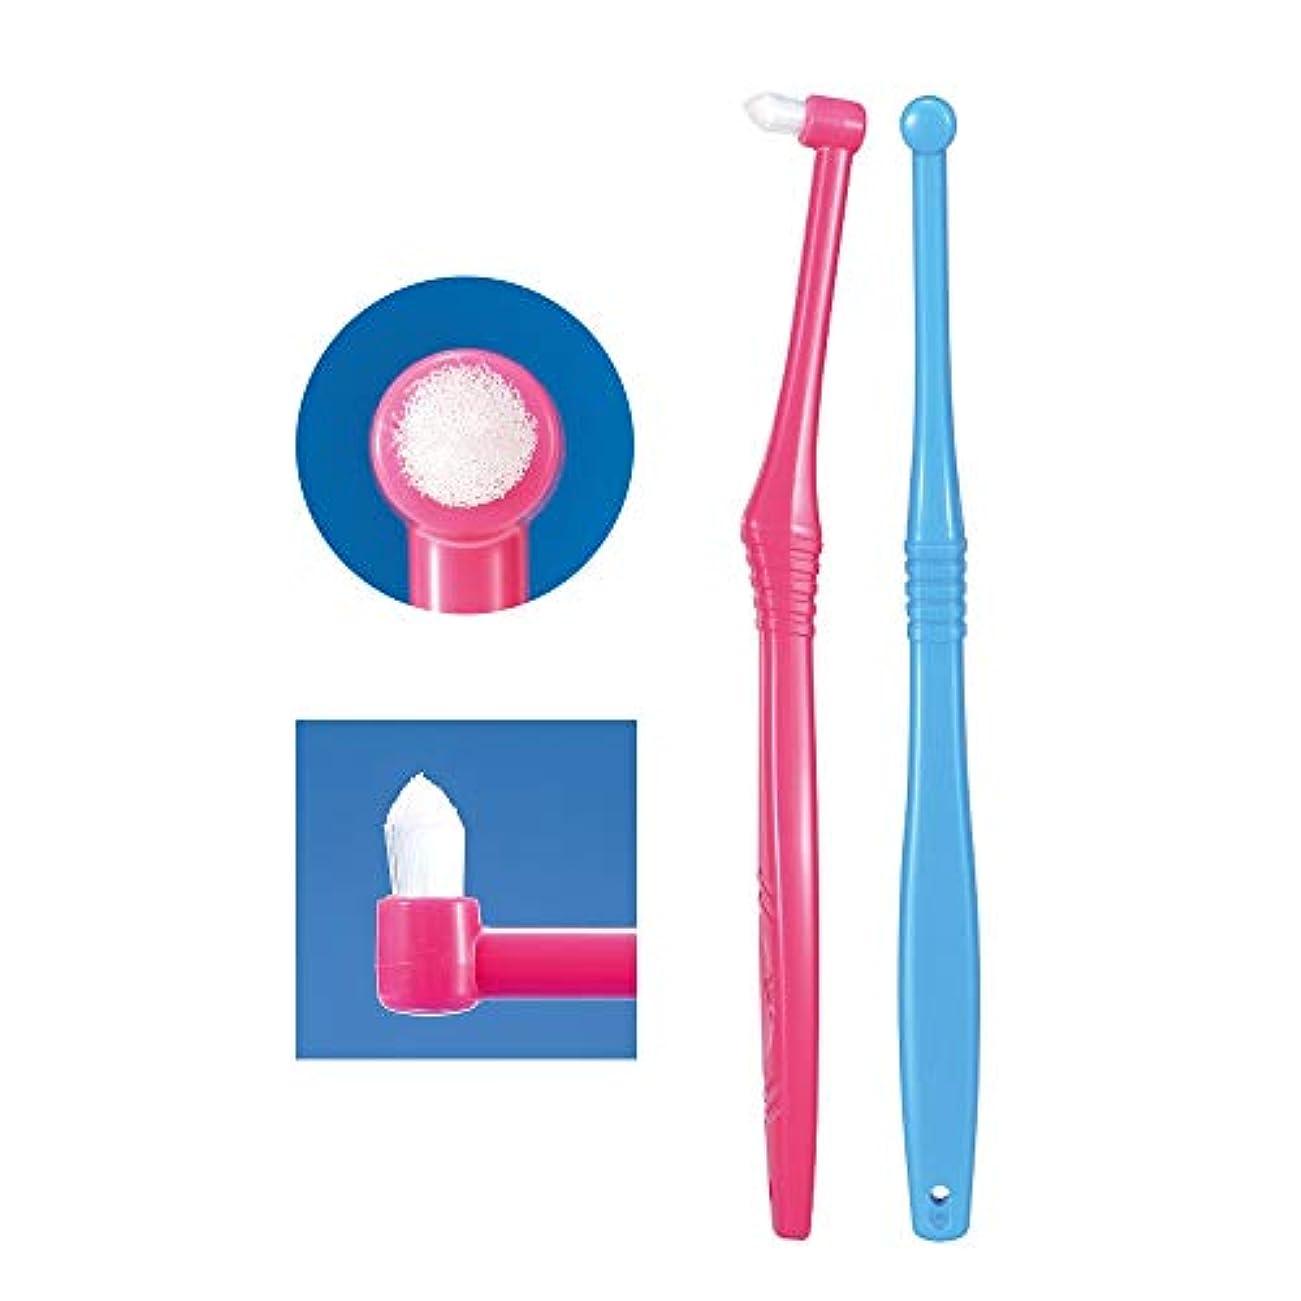 サークルレオナルドダメドレーCi PROワンタフト 1本 ラージヘッド S(やわらかめ) ポイント磨き 歯科専売品